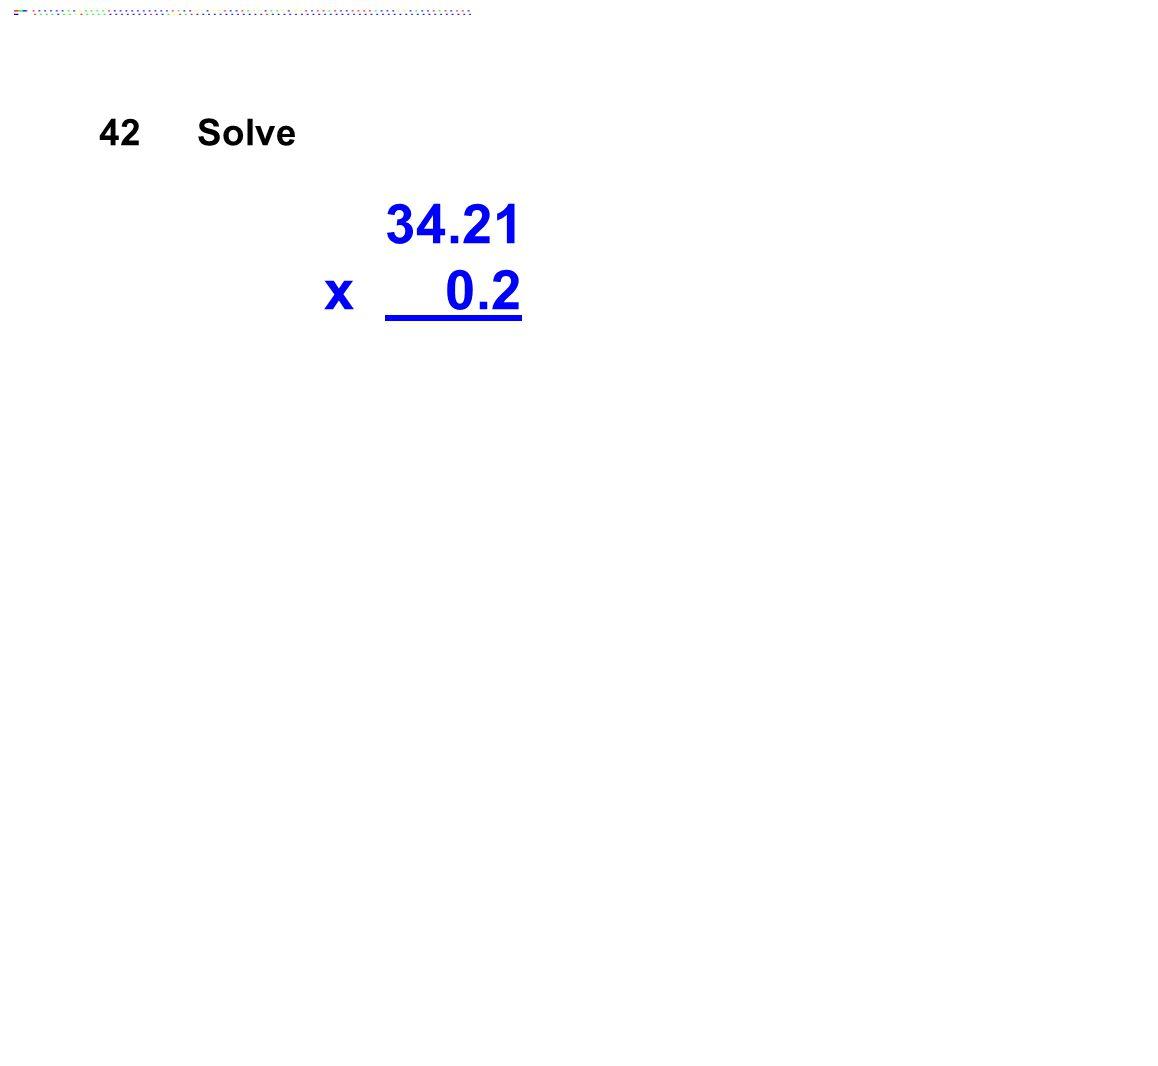 42 Solve 34.21 x 0.2